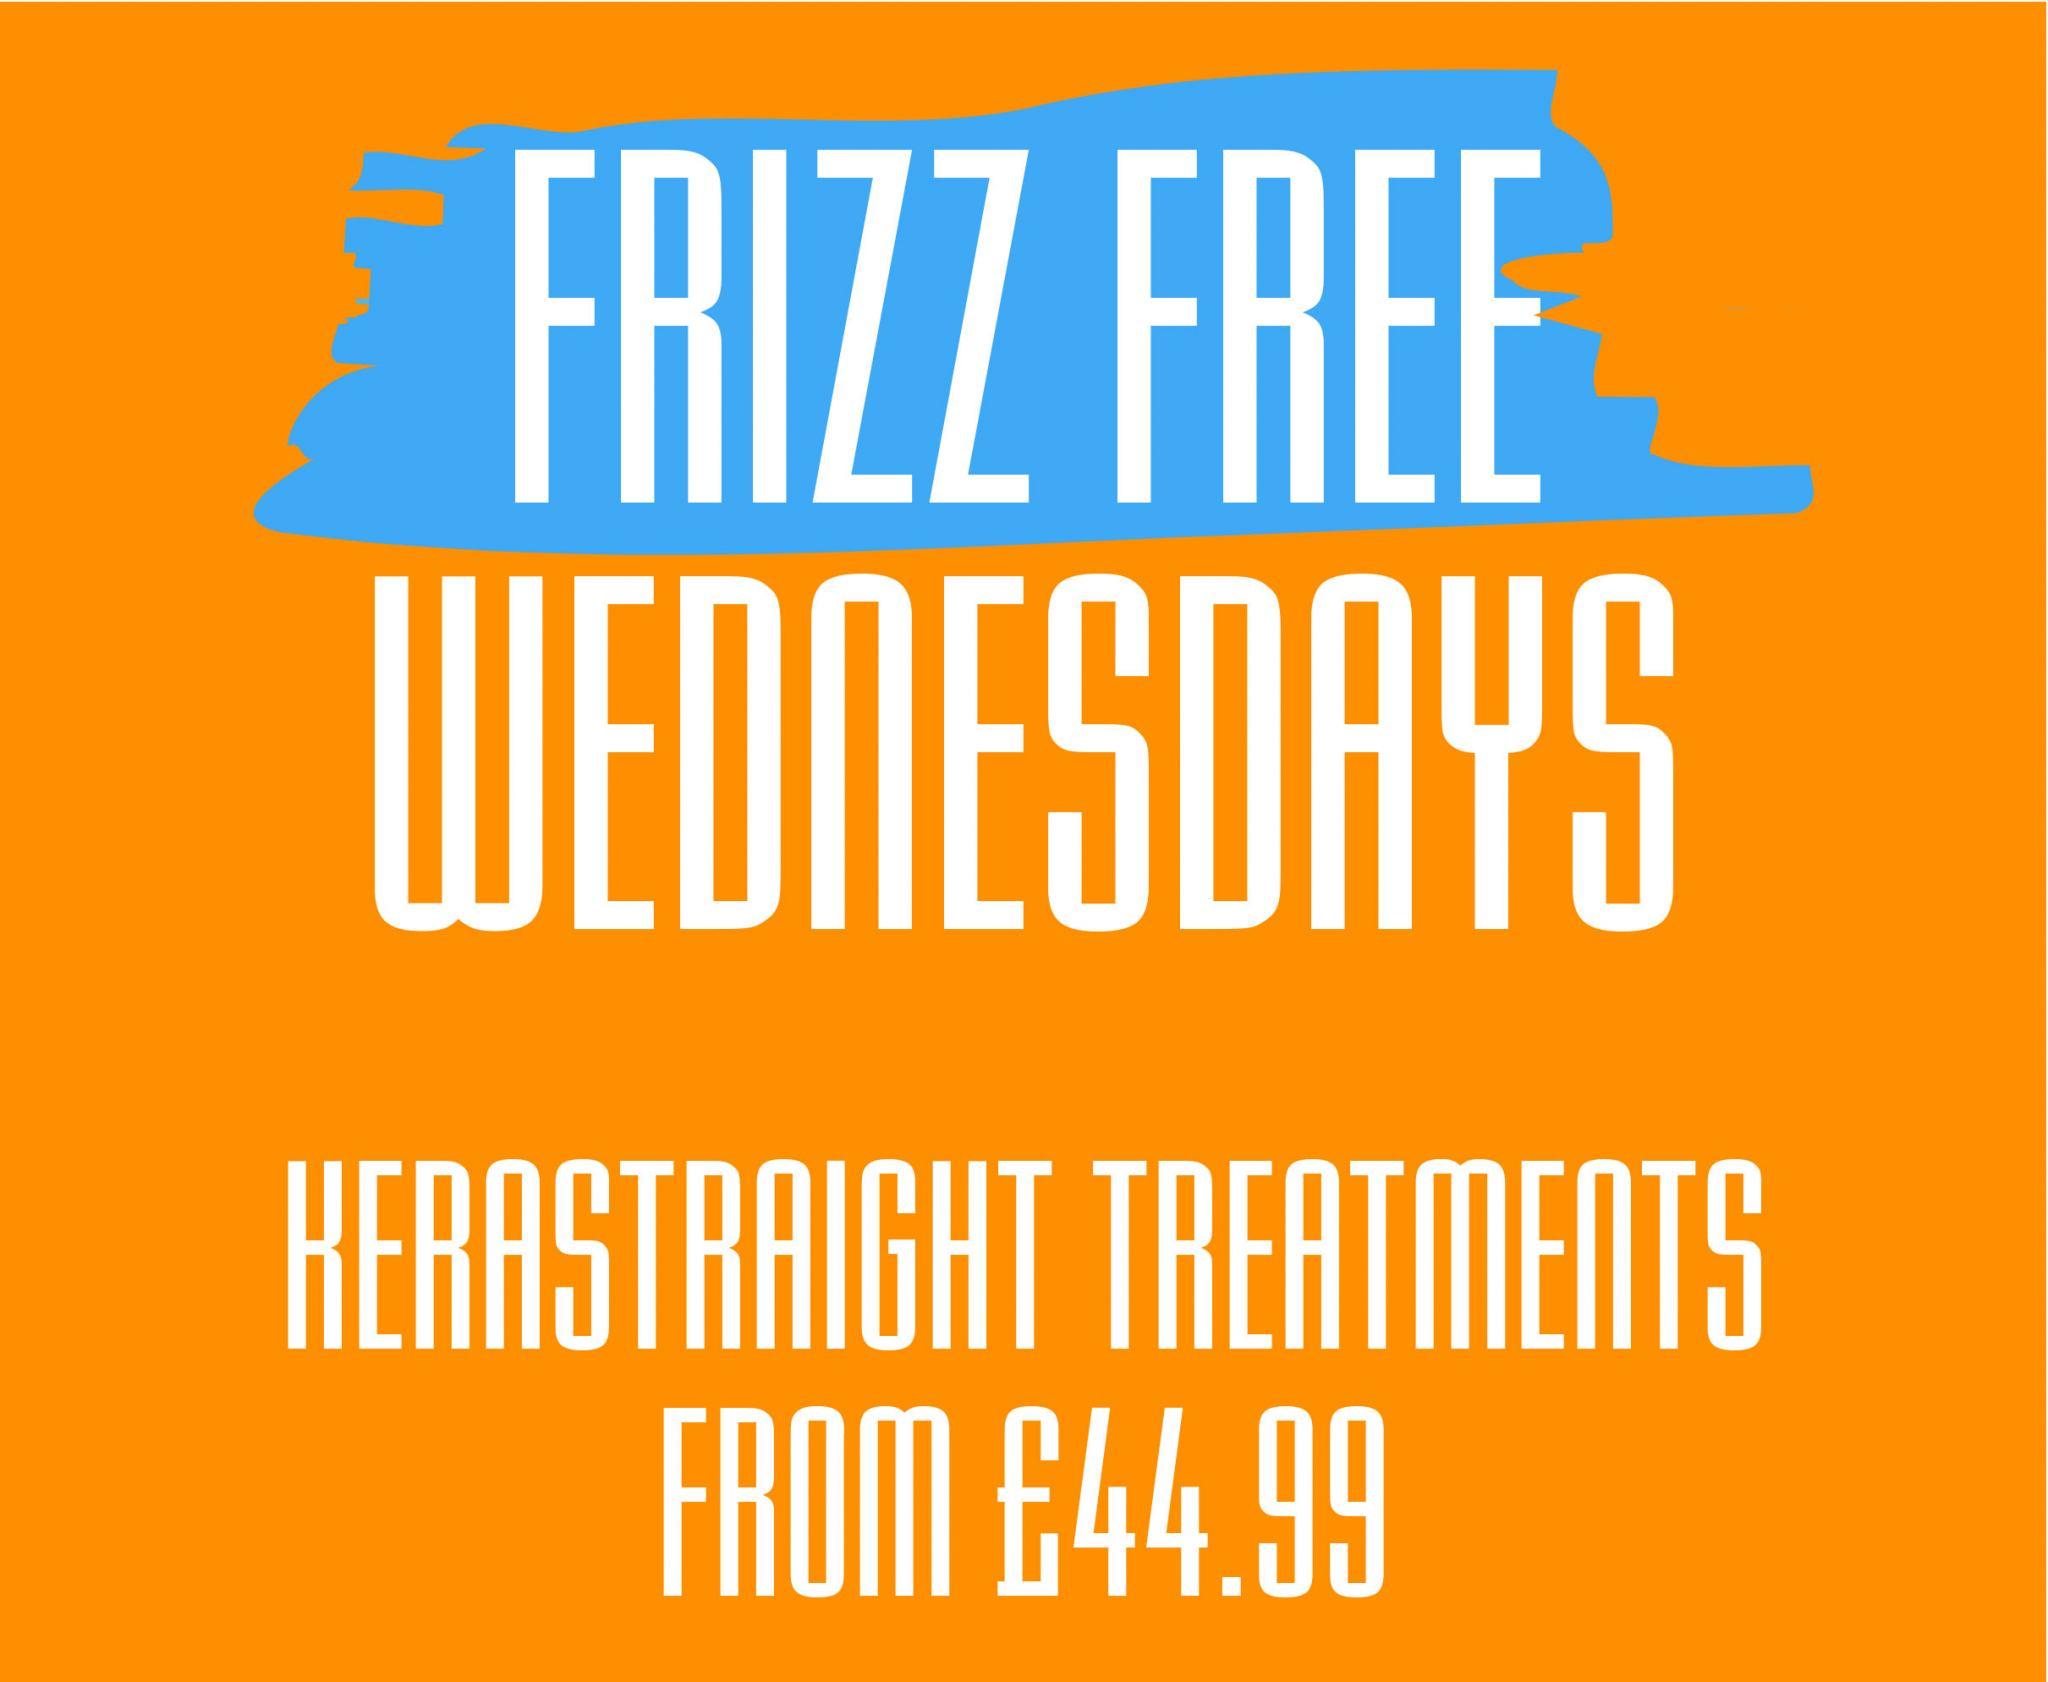 Frizz Free Wednesdays